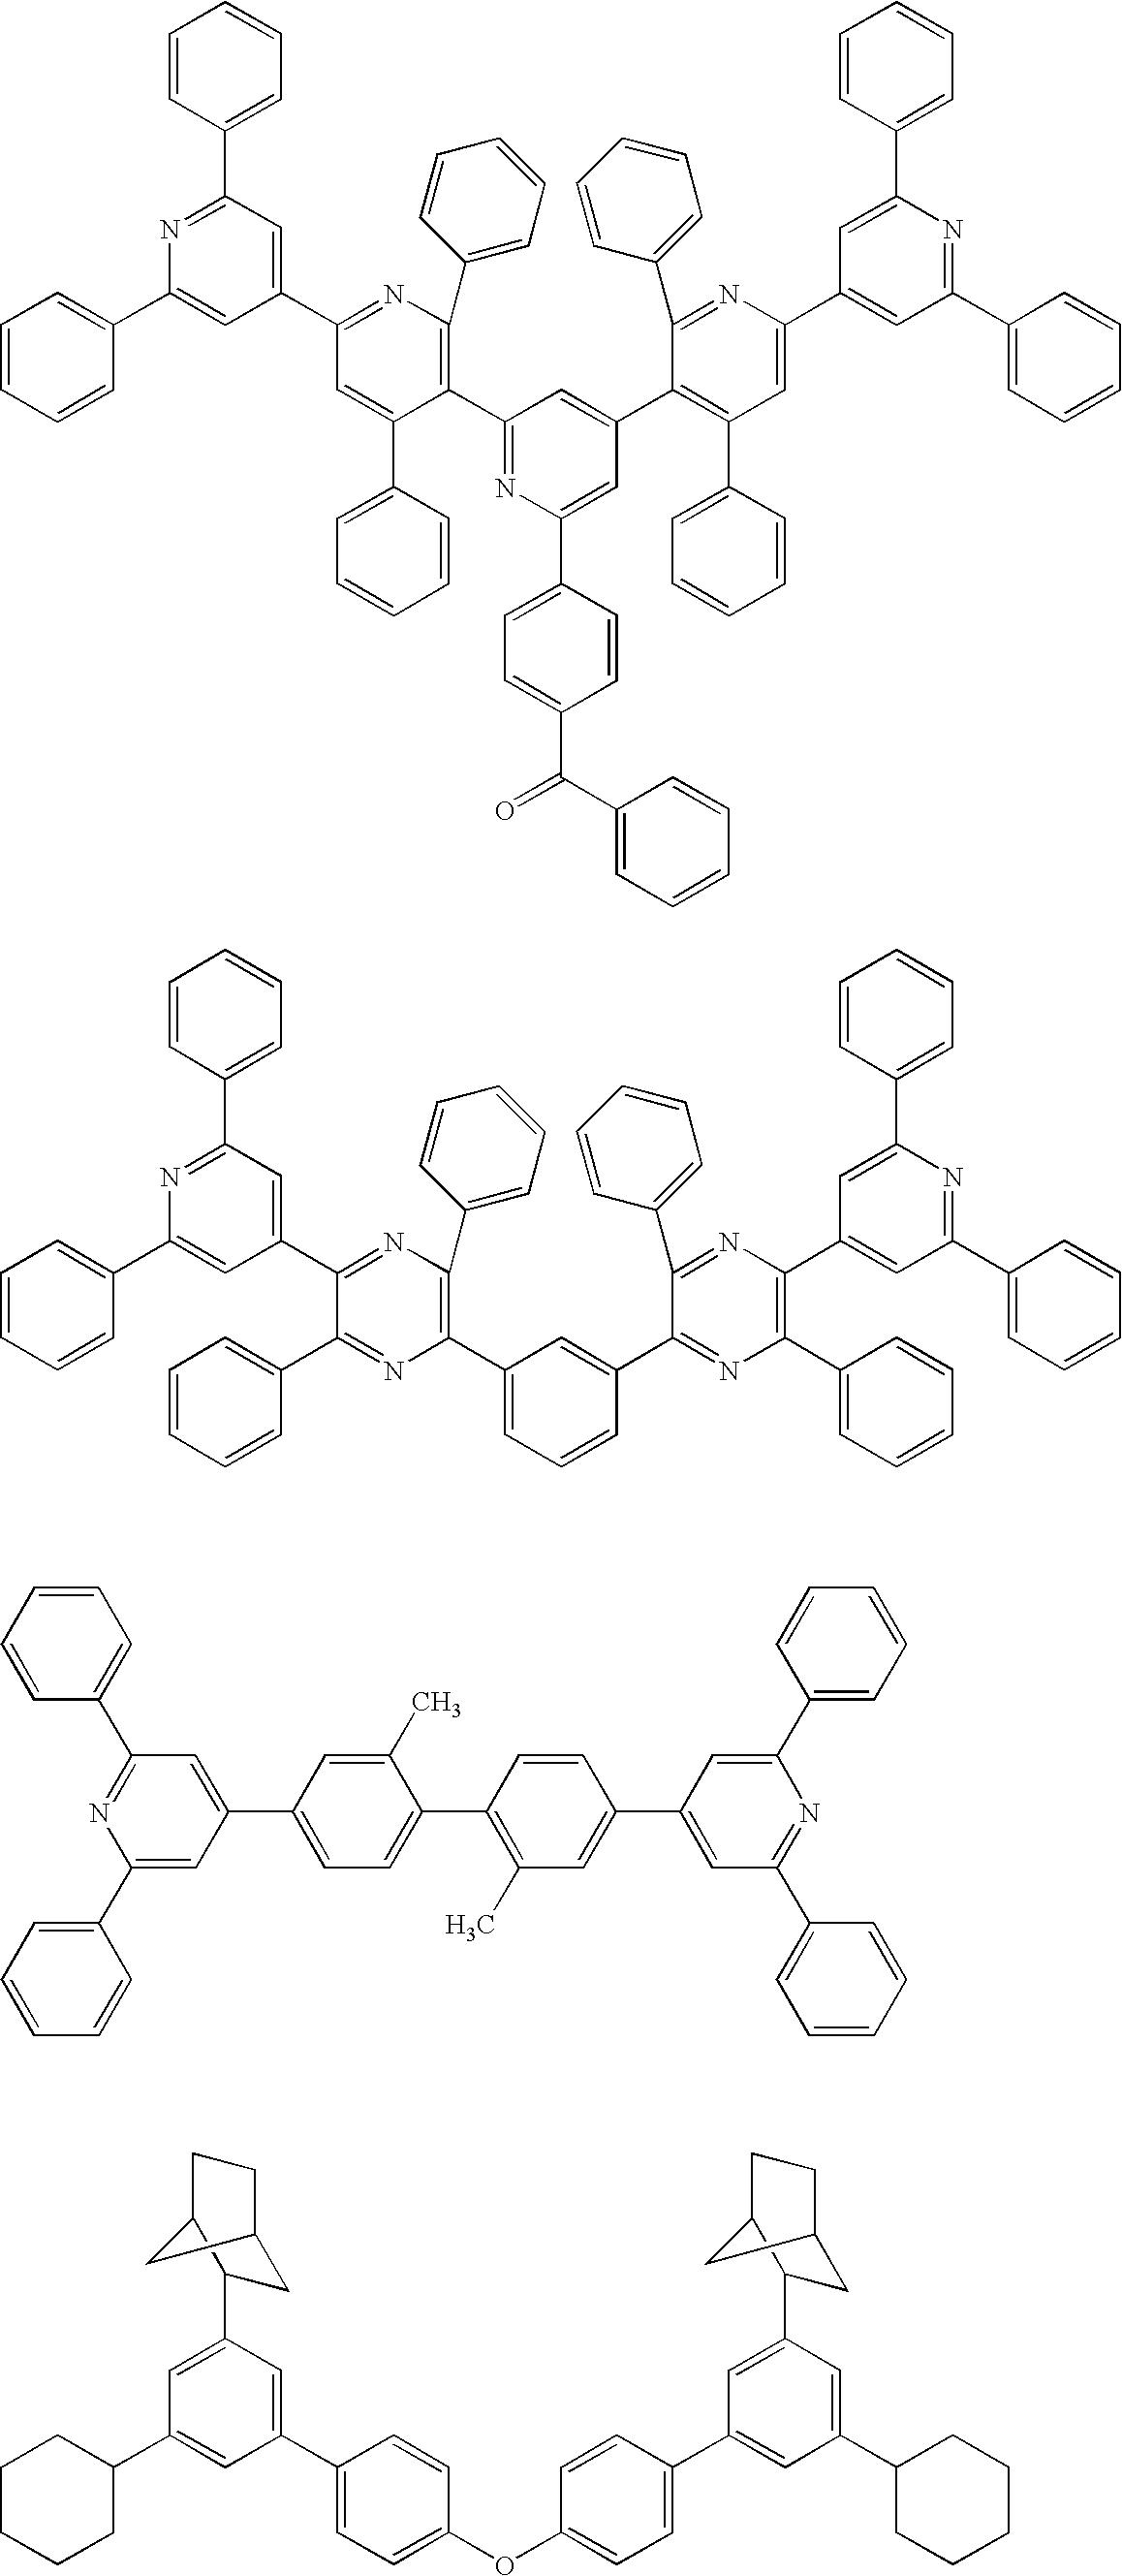 Figure US20060186796A1-20060824-C00044